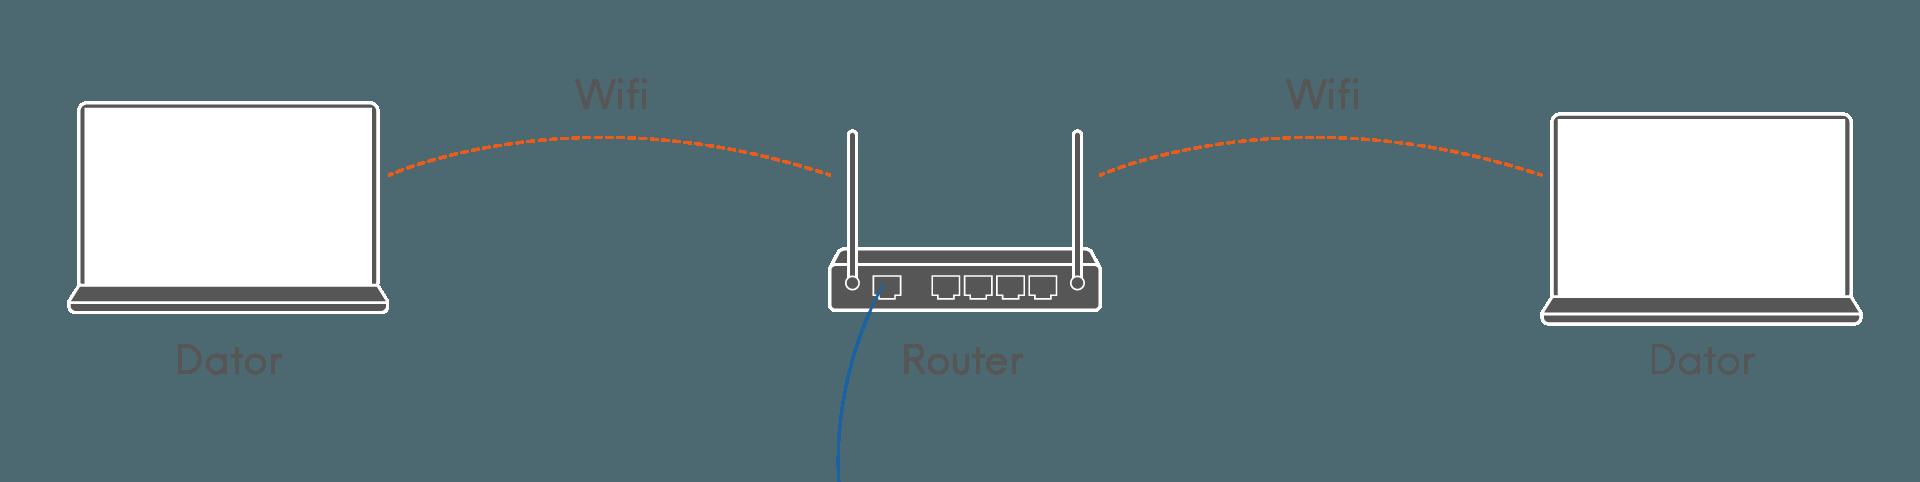 Centralt placerad router